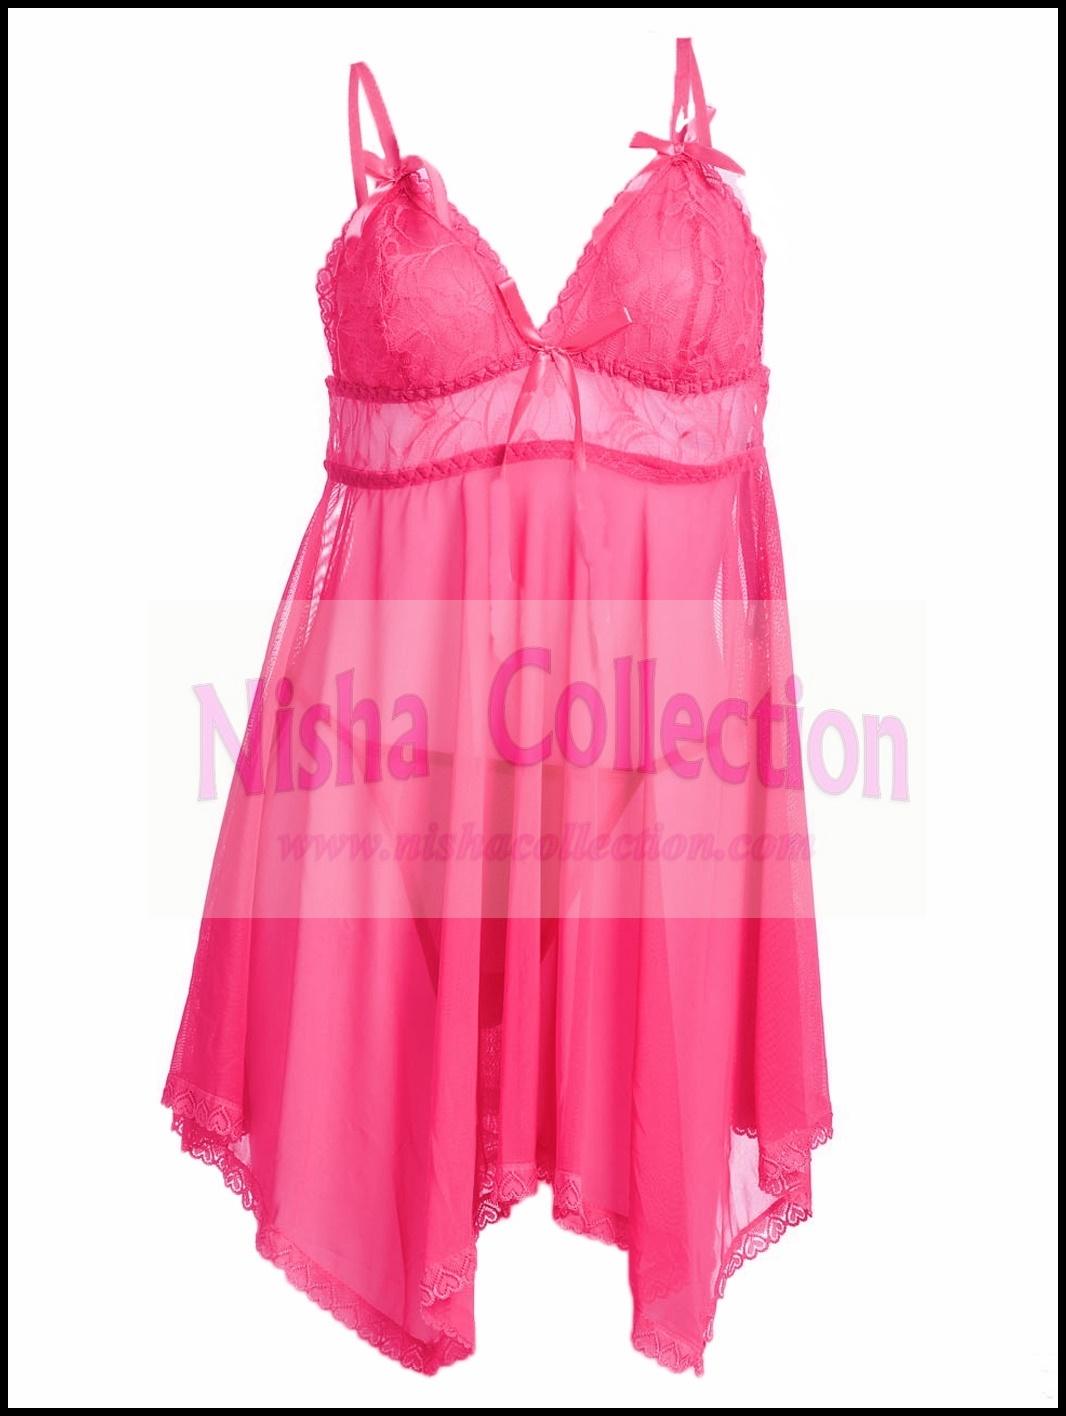 Harga Jual Baju Tidur Wanita Babydoll Lingerie Teddy Sexy 087 Nisha Collection Malaysia Online